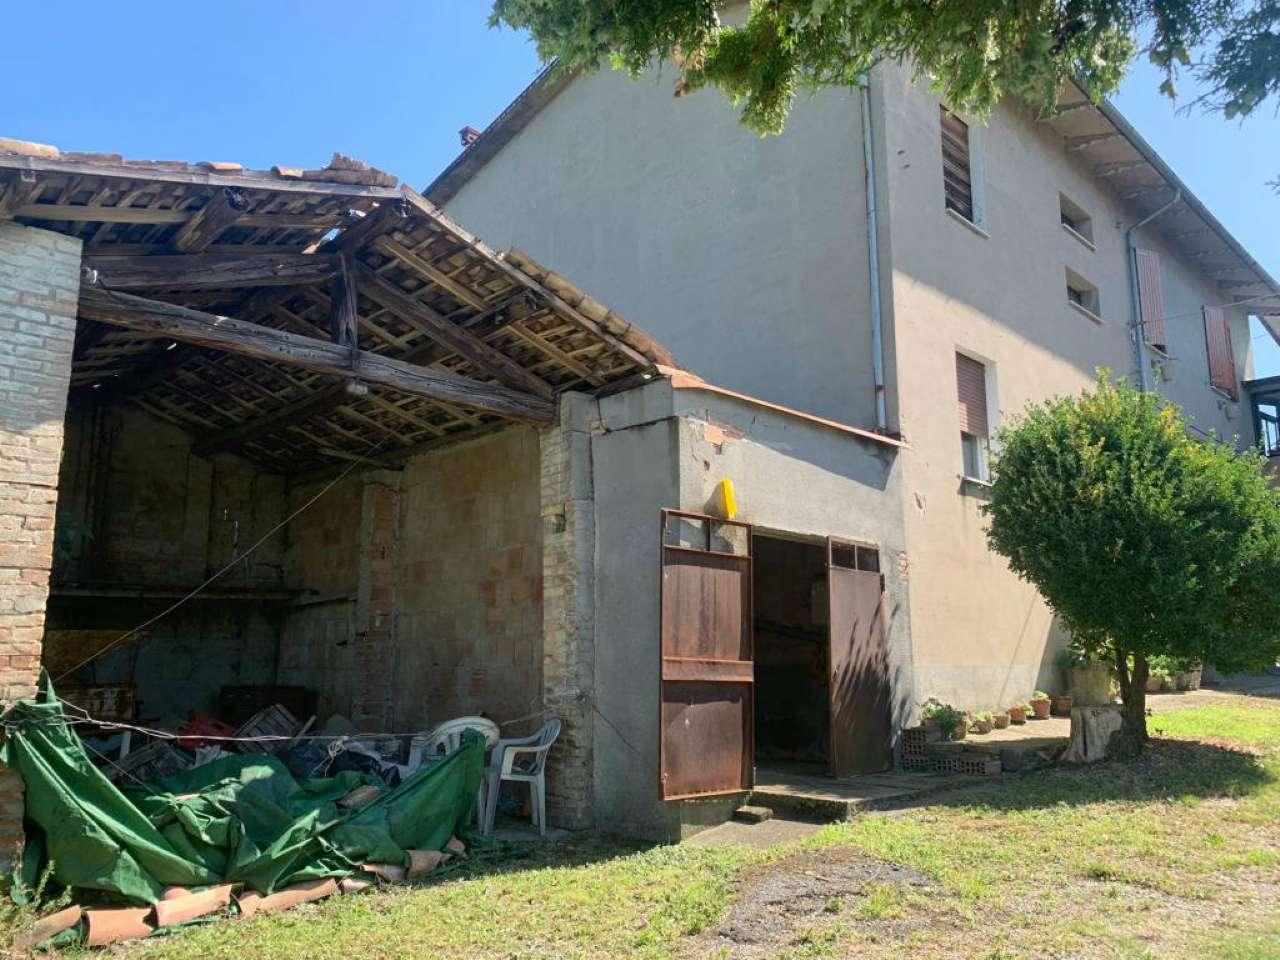 VENDITE Rustici e Case Castelvetro di Modena 7030722